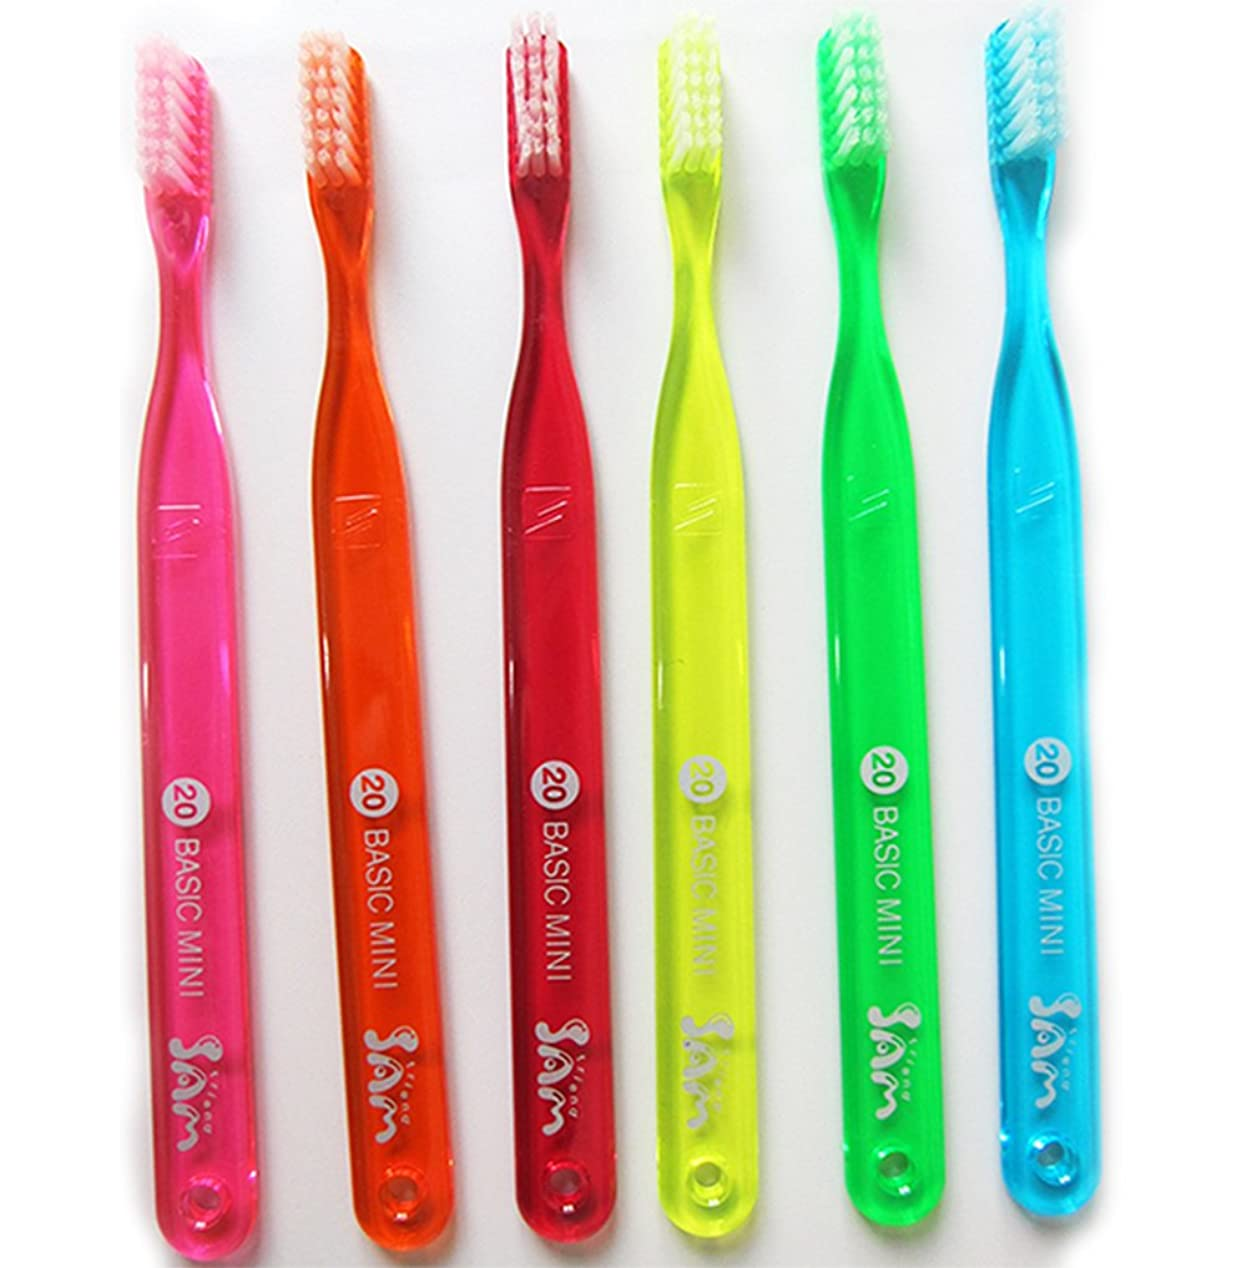 楽しむ息を切らして保証するサムフレンド 【歯ブラシ】【サムフレンド 20】【6本】サムフレンド歯ブラシ20 BASIC MEDIUM Mini 6色セット【歯科